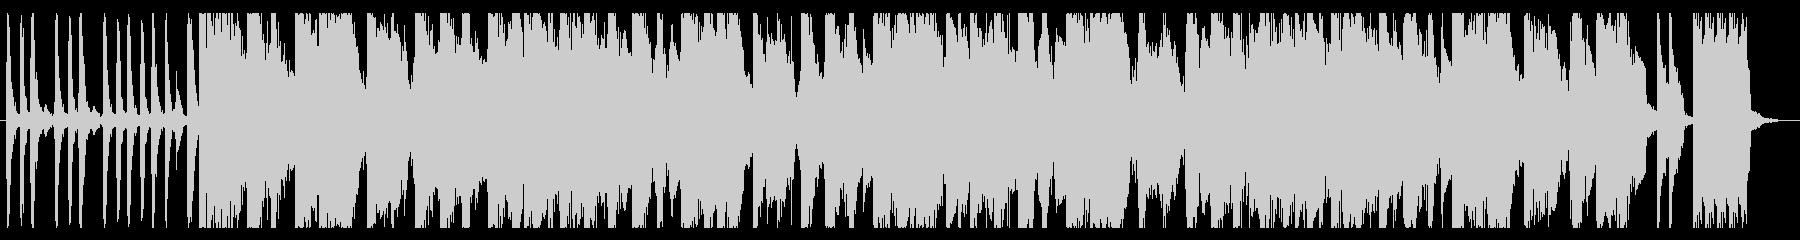 キラキラ/エレクトロポップNo388_4の未再生の波形